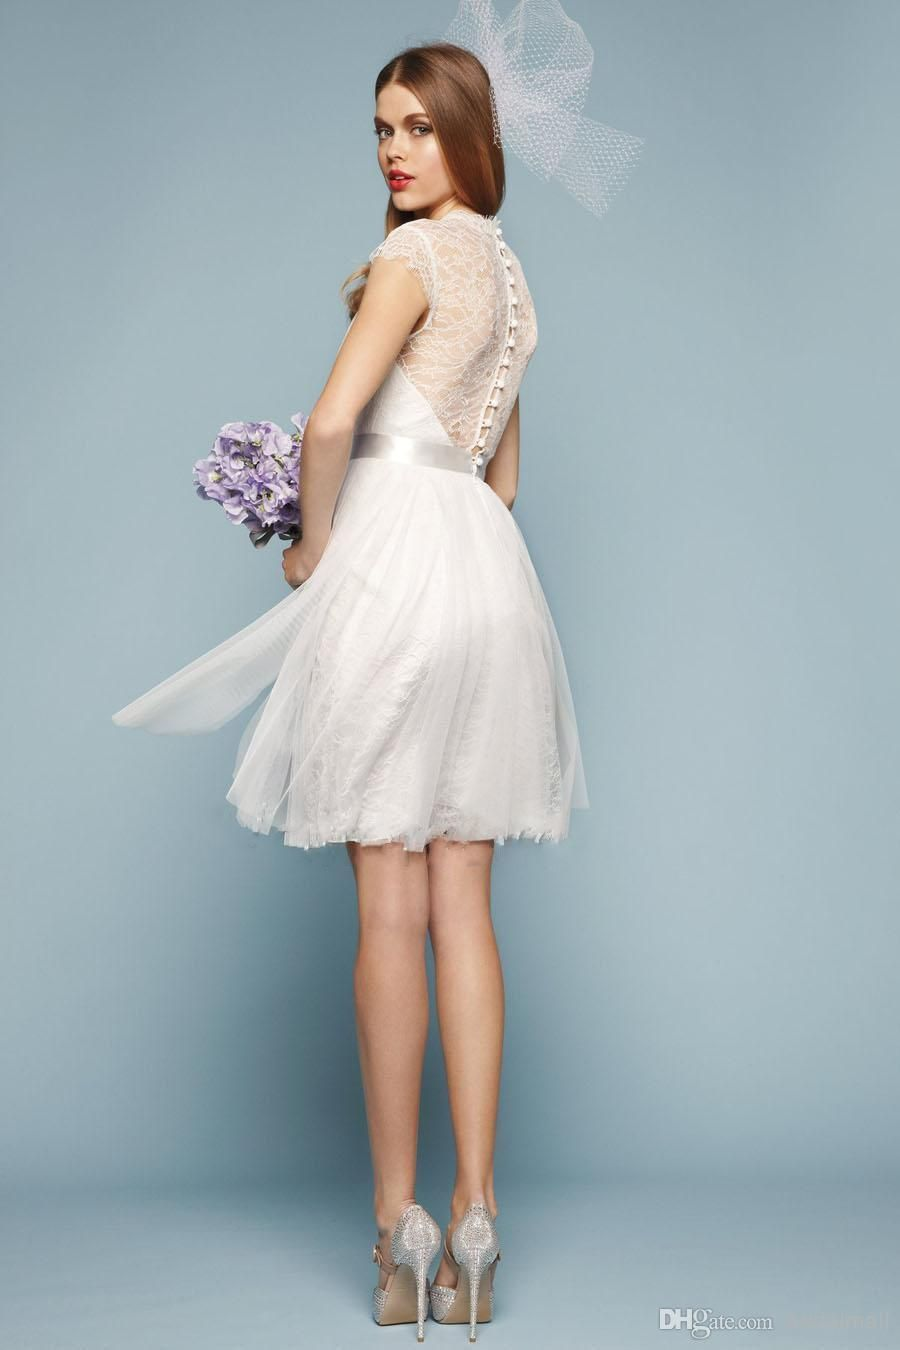 Wholesale wedding veil buy hot zuhair murad vneck aline cap